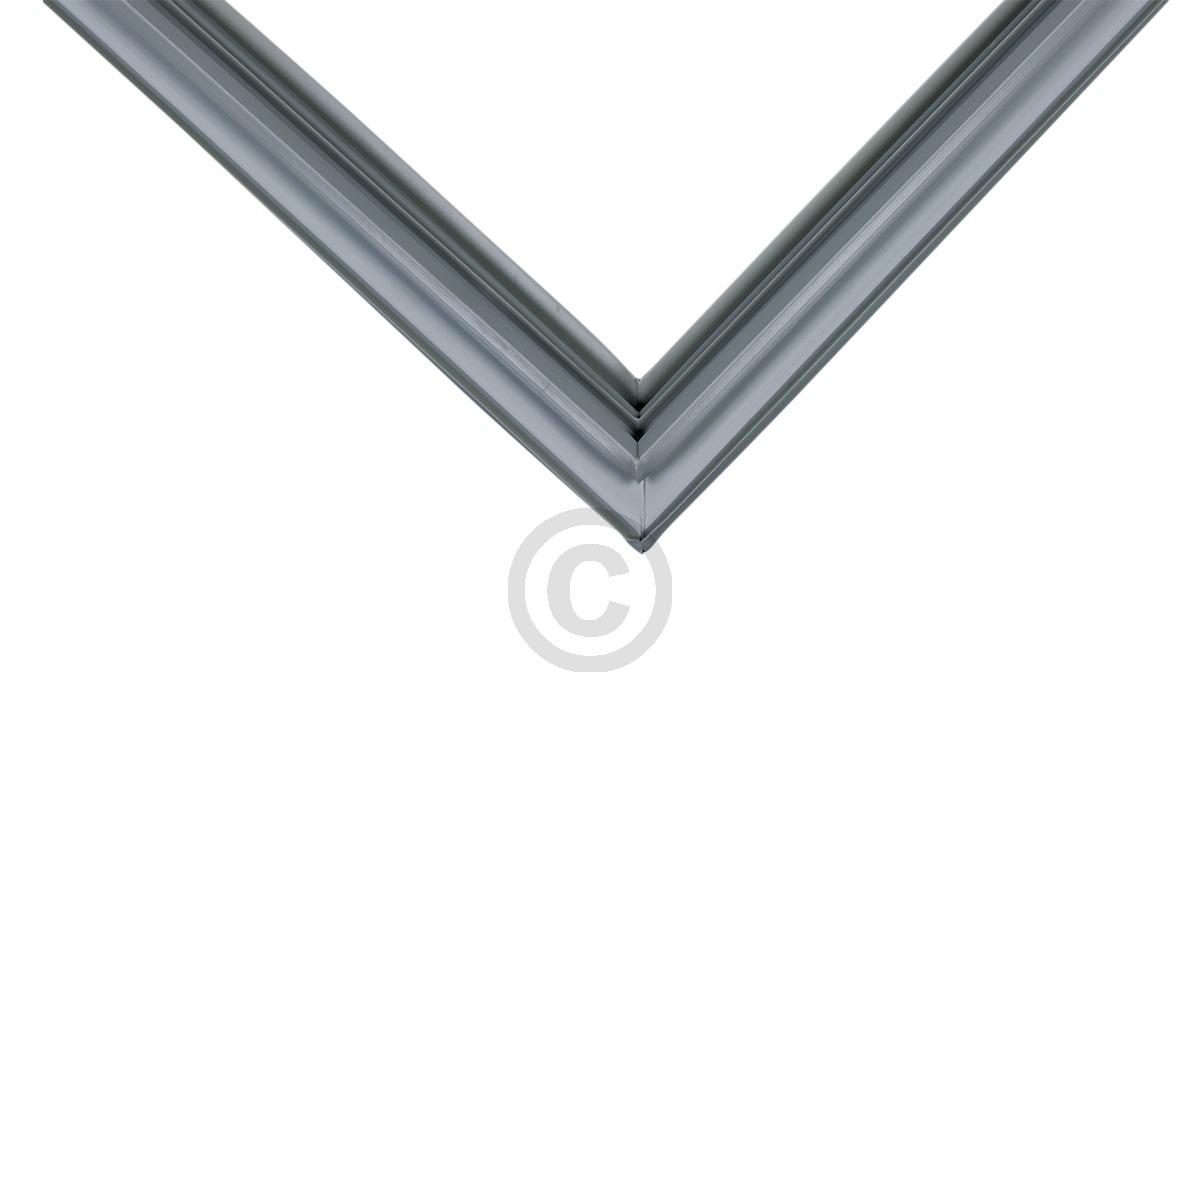 Türdichtung Kühlabteil Whirlpool 481246668941 Original Indesit Hotpoint, Bauknec